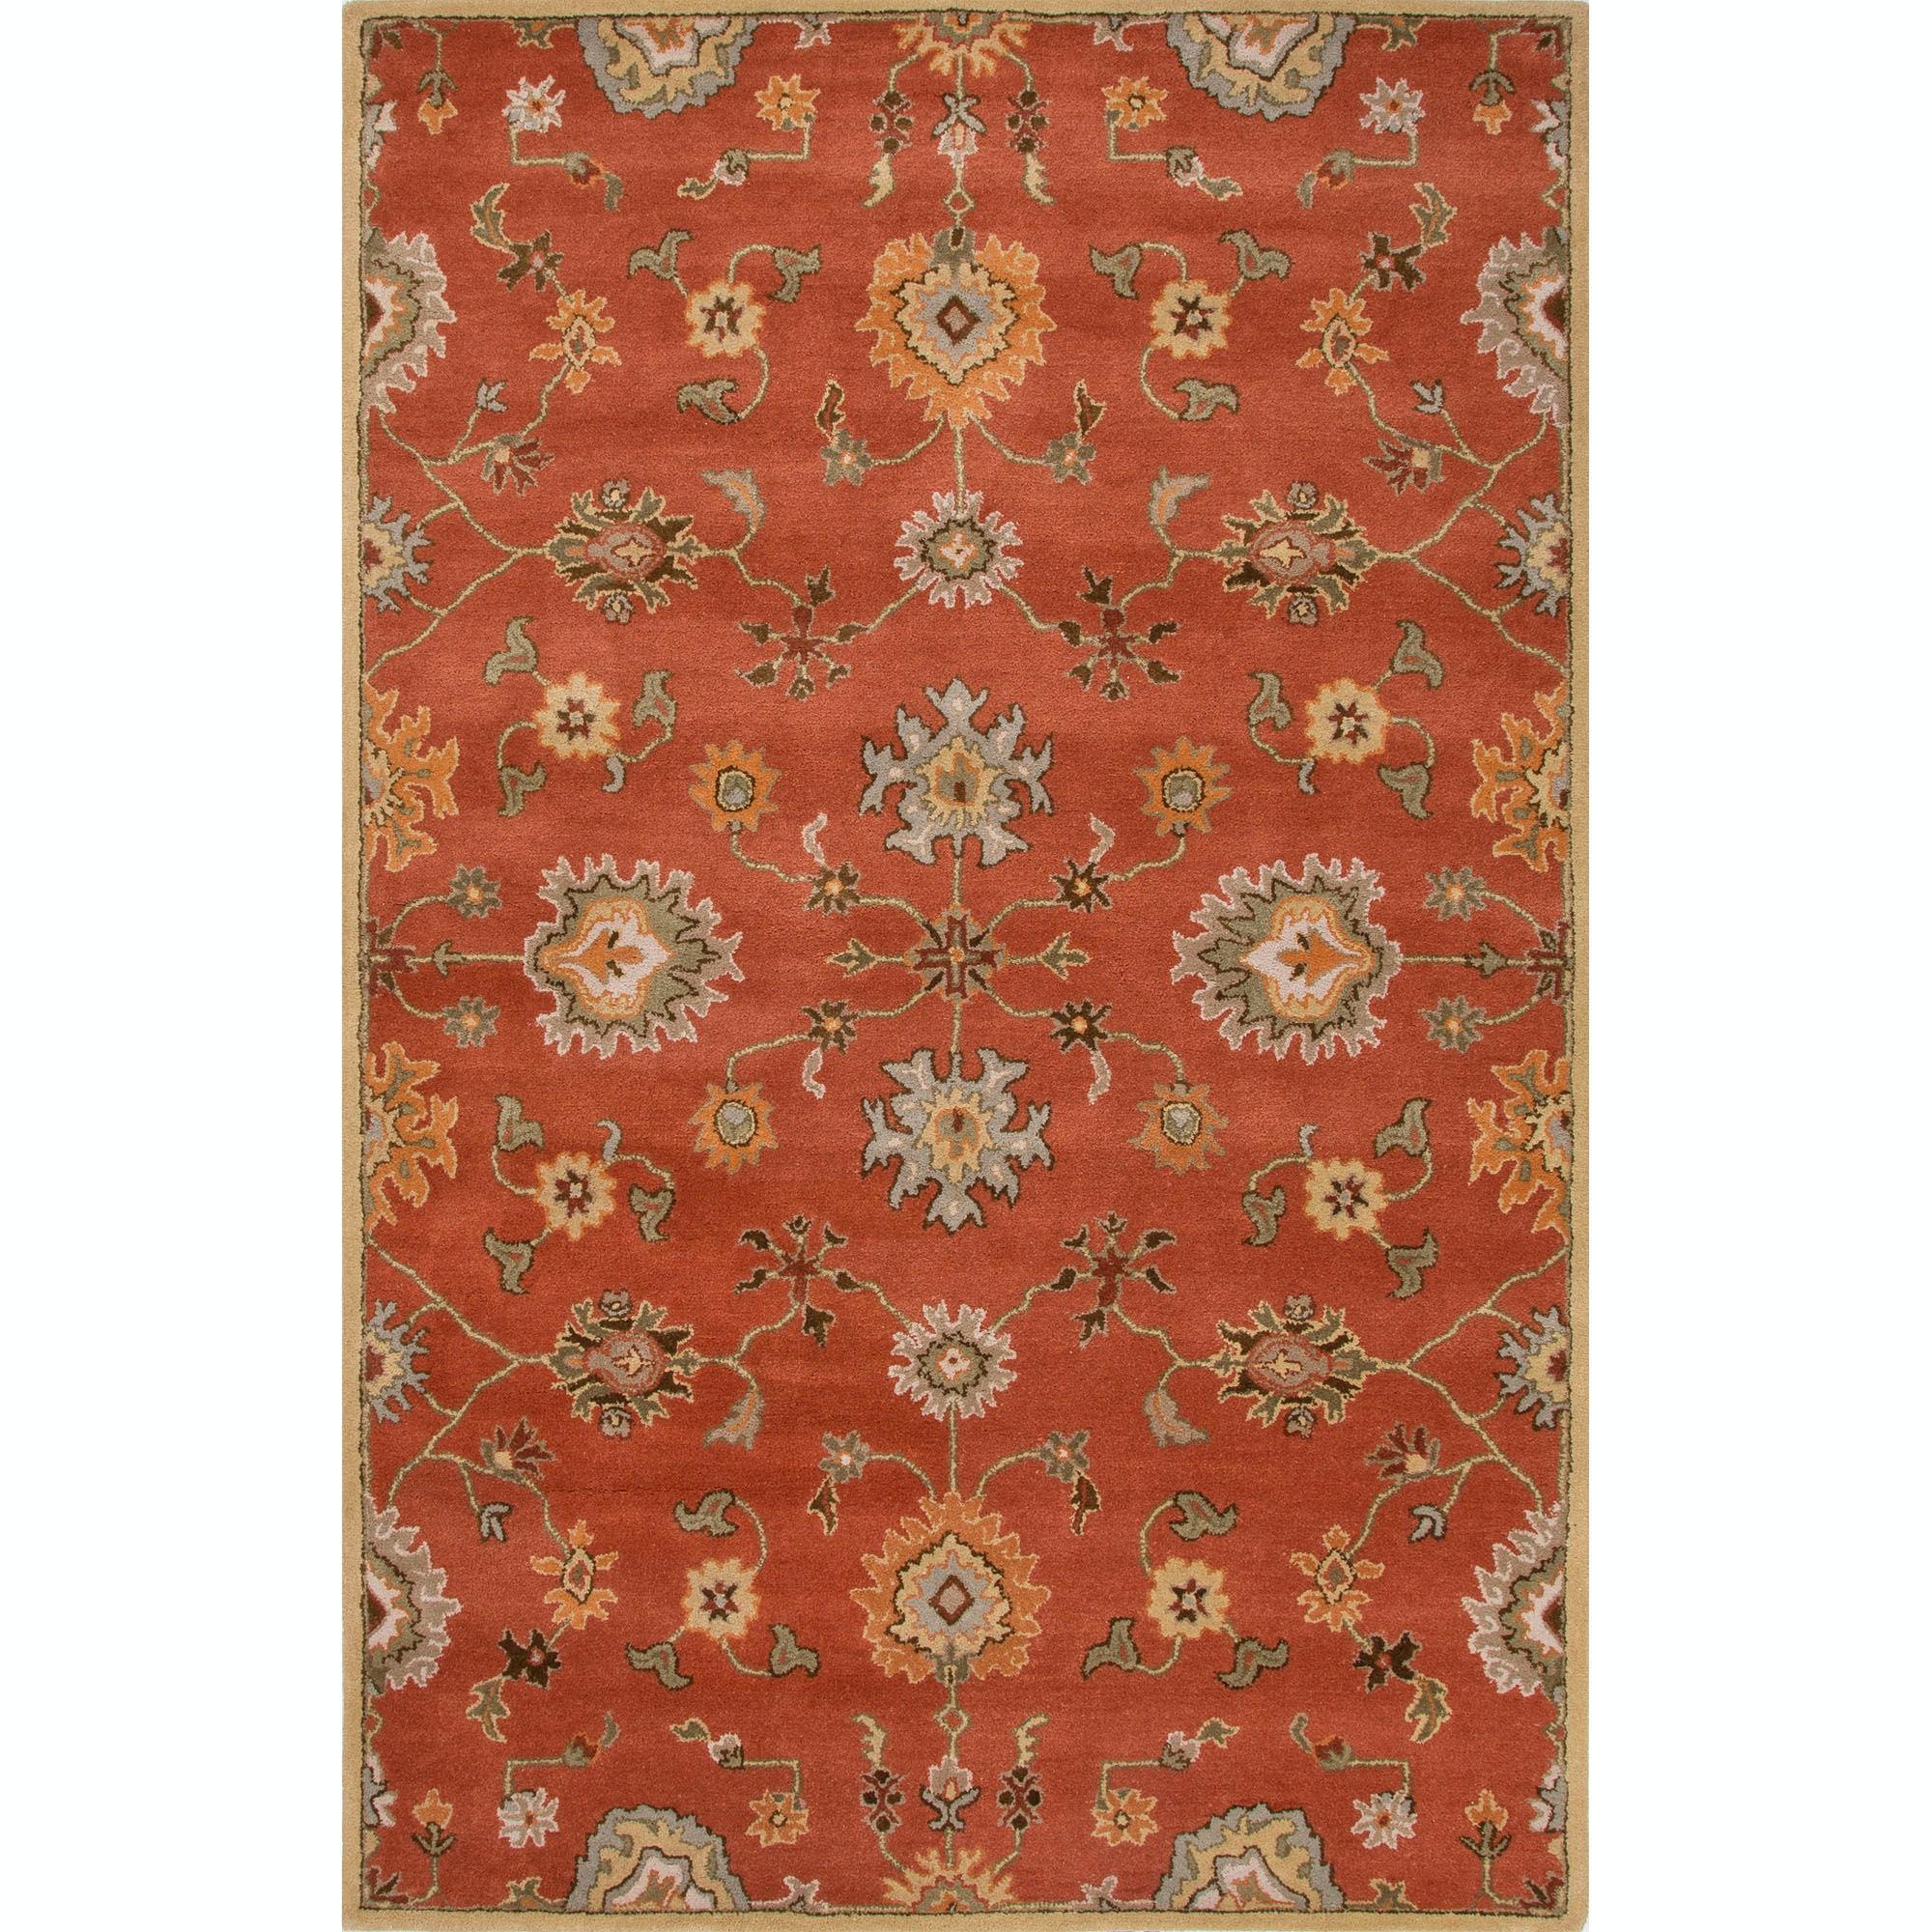 Jaipur Rugs Floor Coverings Jaipur Hand Tufted Oriental Pattern